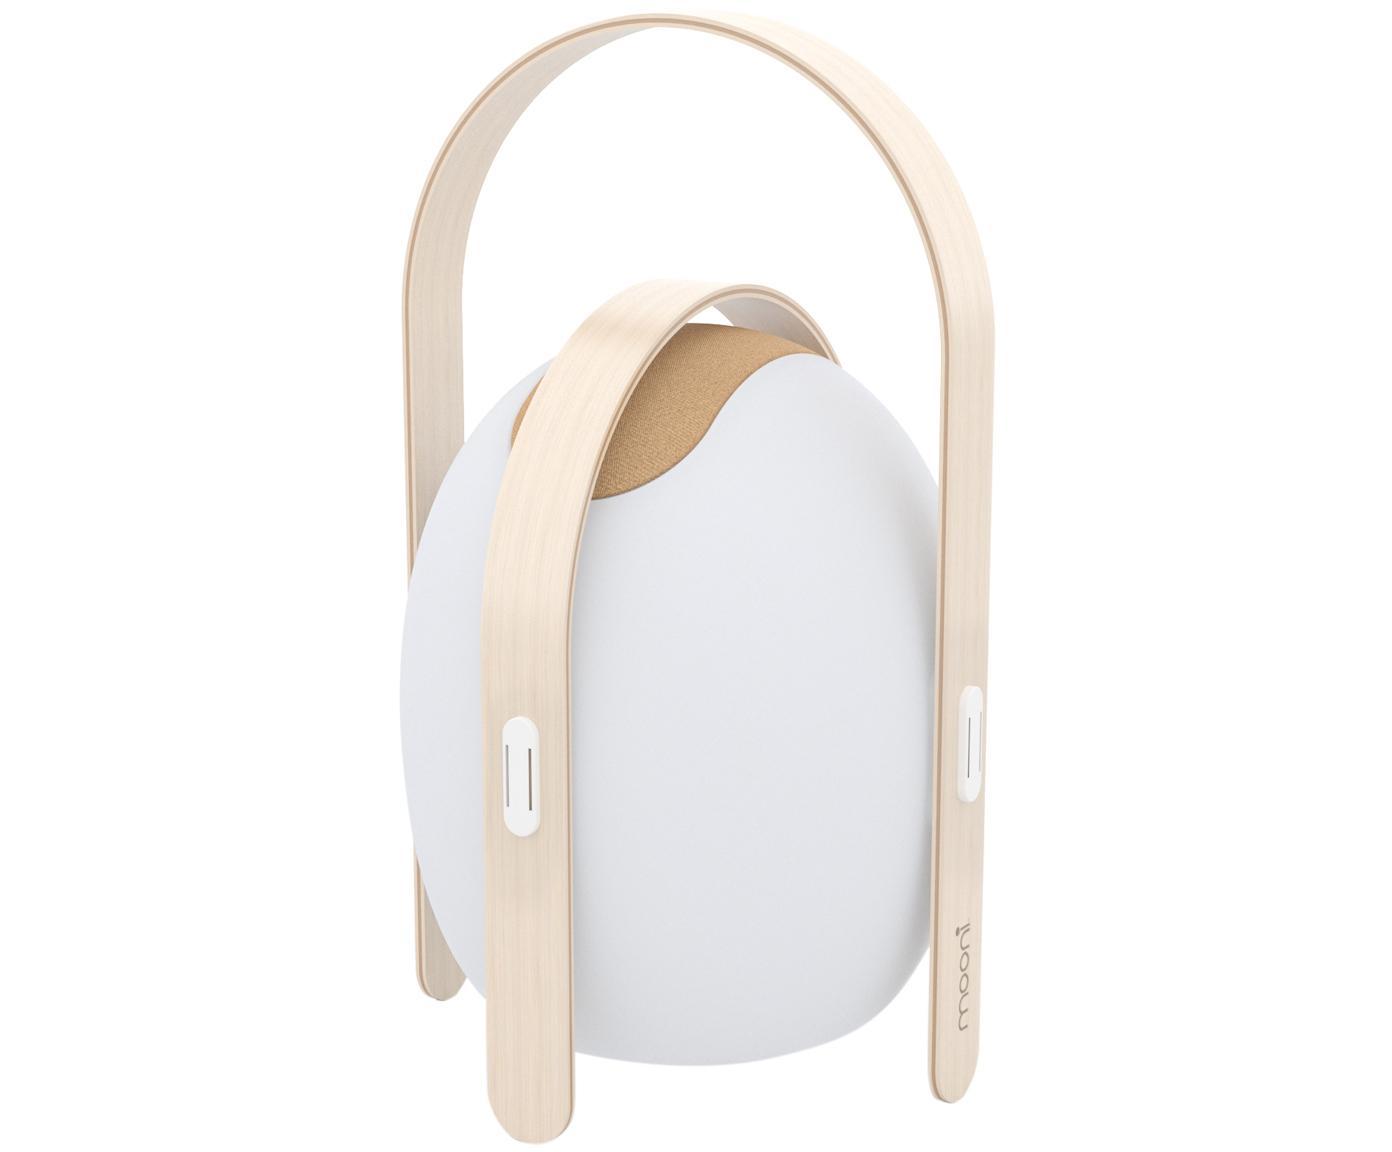 Lámpara LED para exterior con altavoz Ovo, portátil, Pantalla: plástico (LDPE), Estructura: madera de olmo con chapa , Blanco, beige, Ø 32 x Al 50 cm